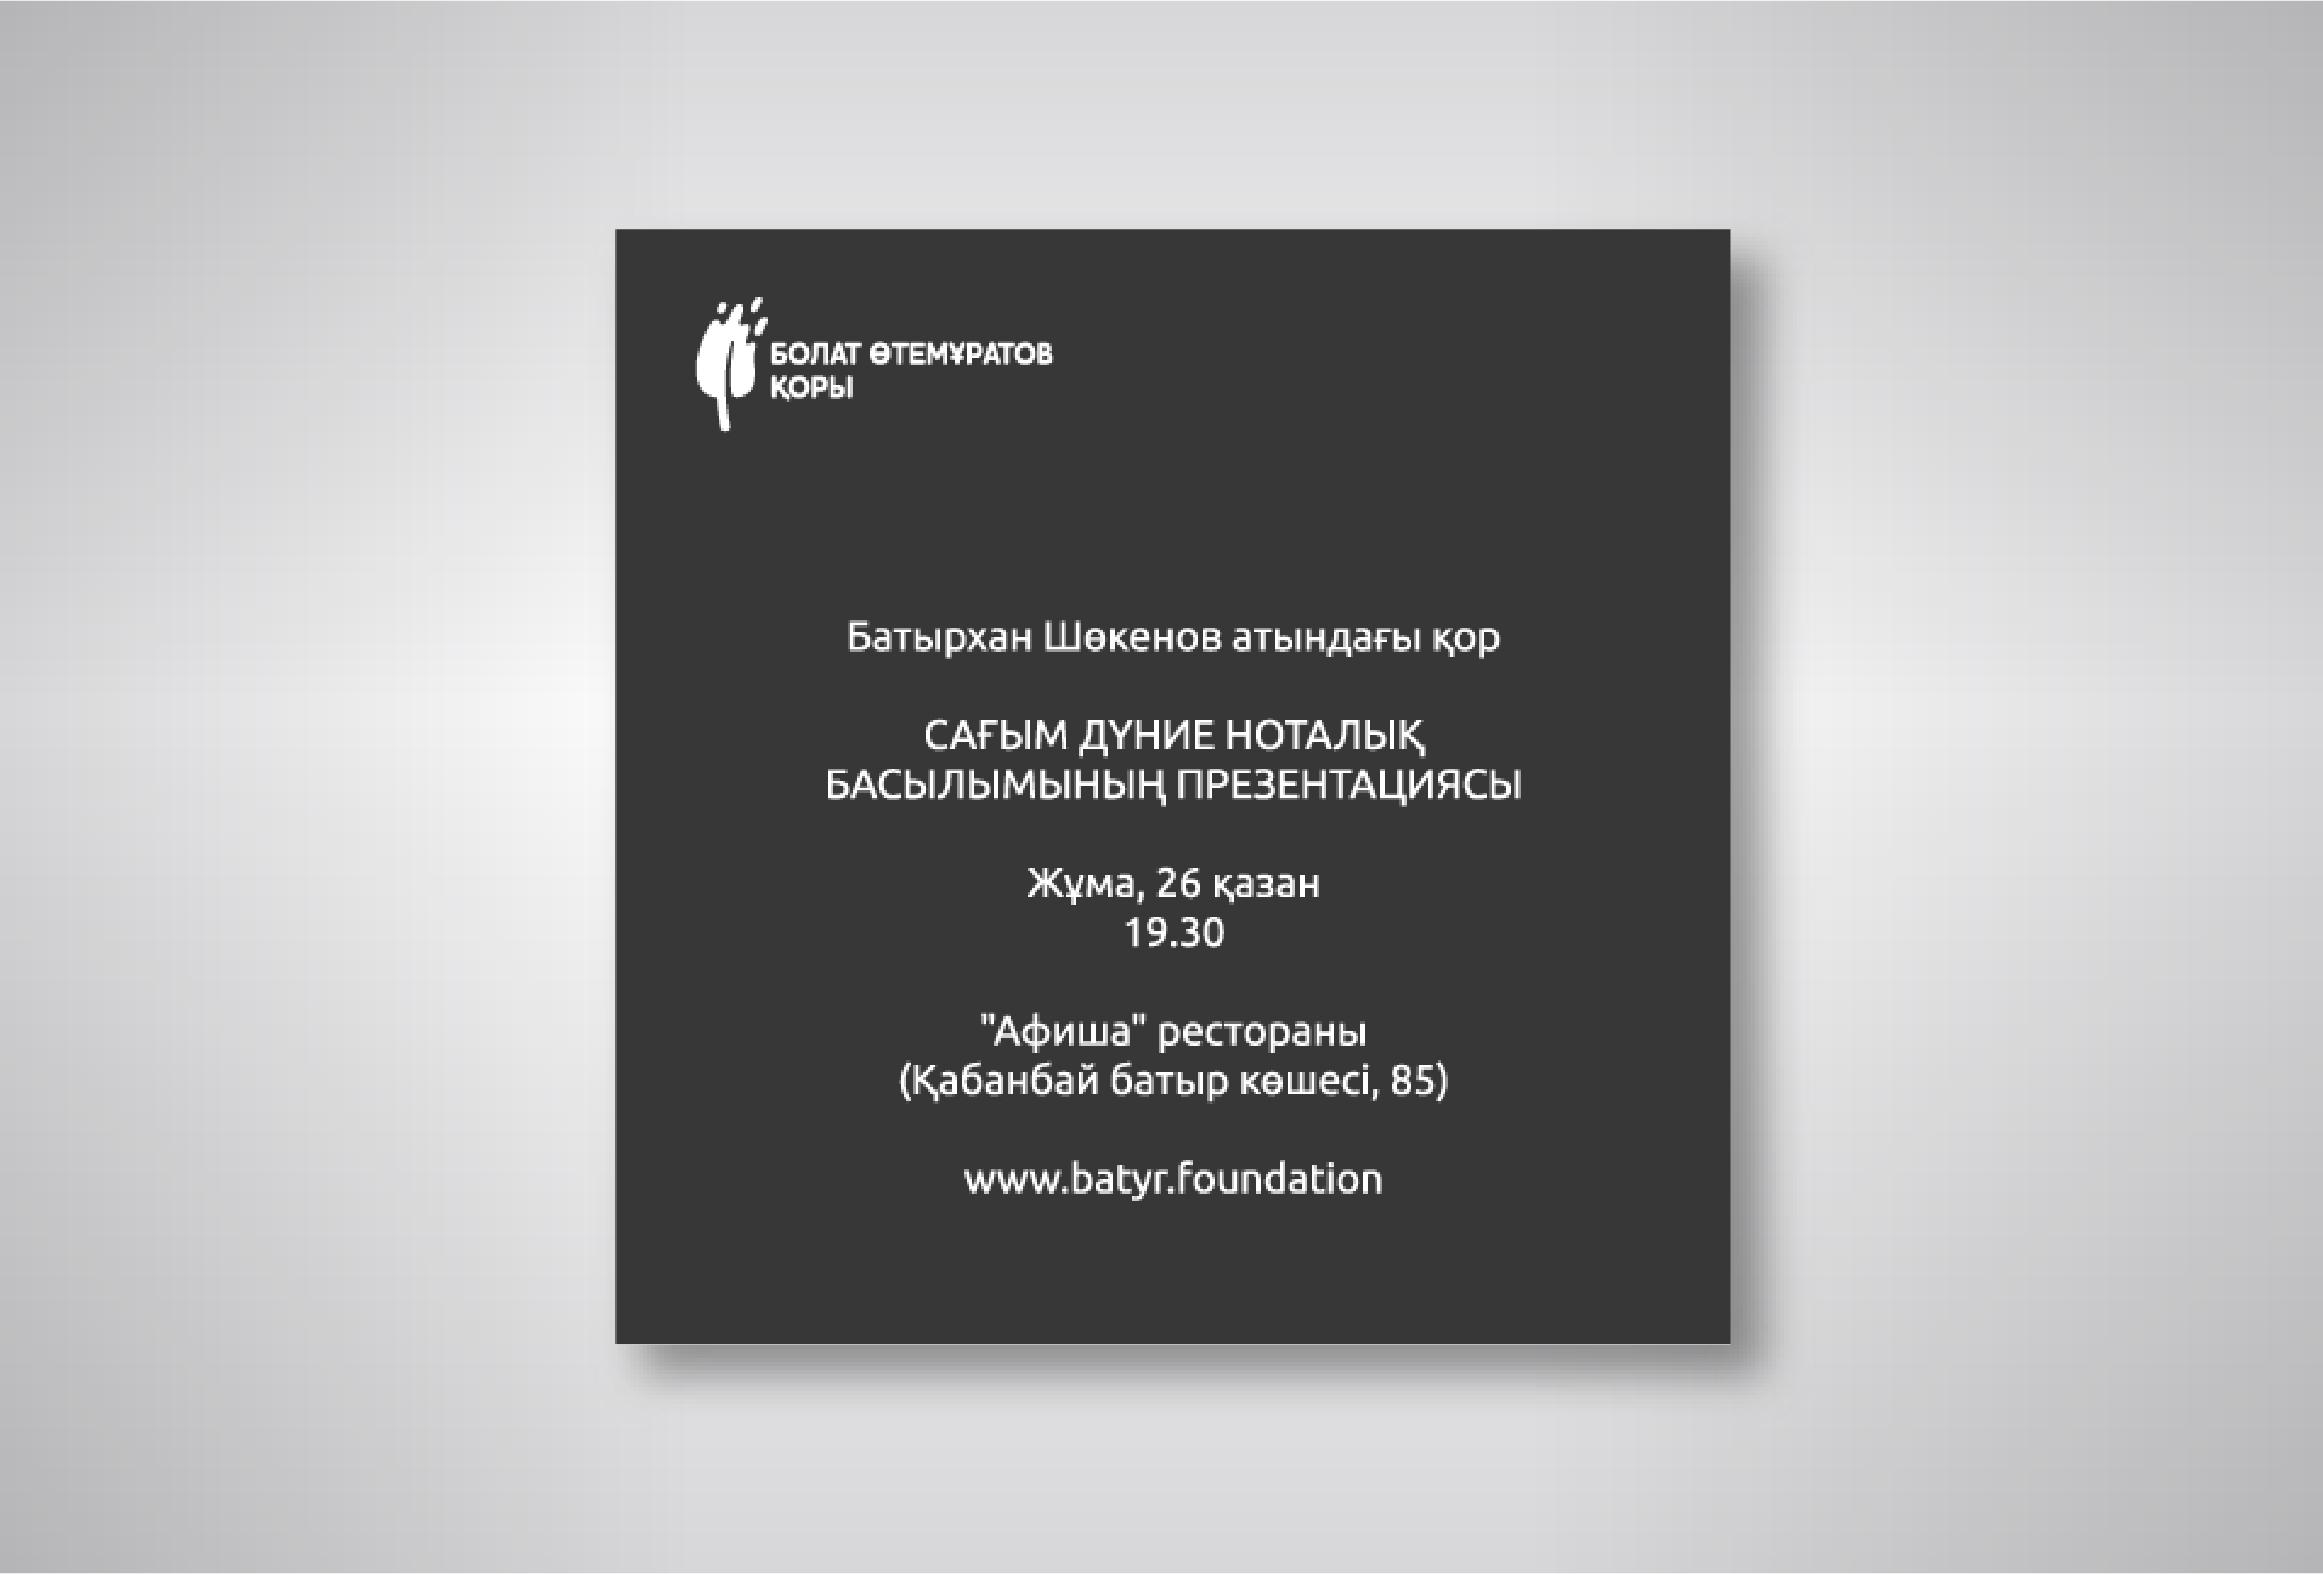 батырхан шукенов, дизайн, минимализм, полиграфия